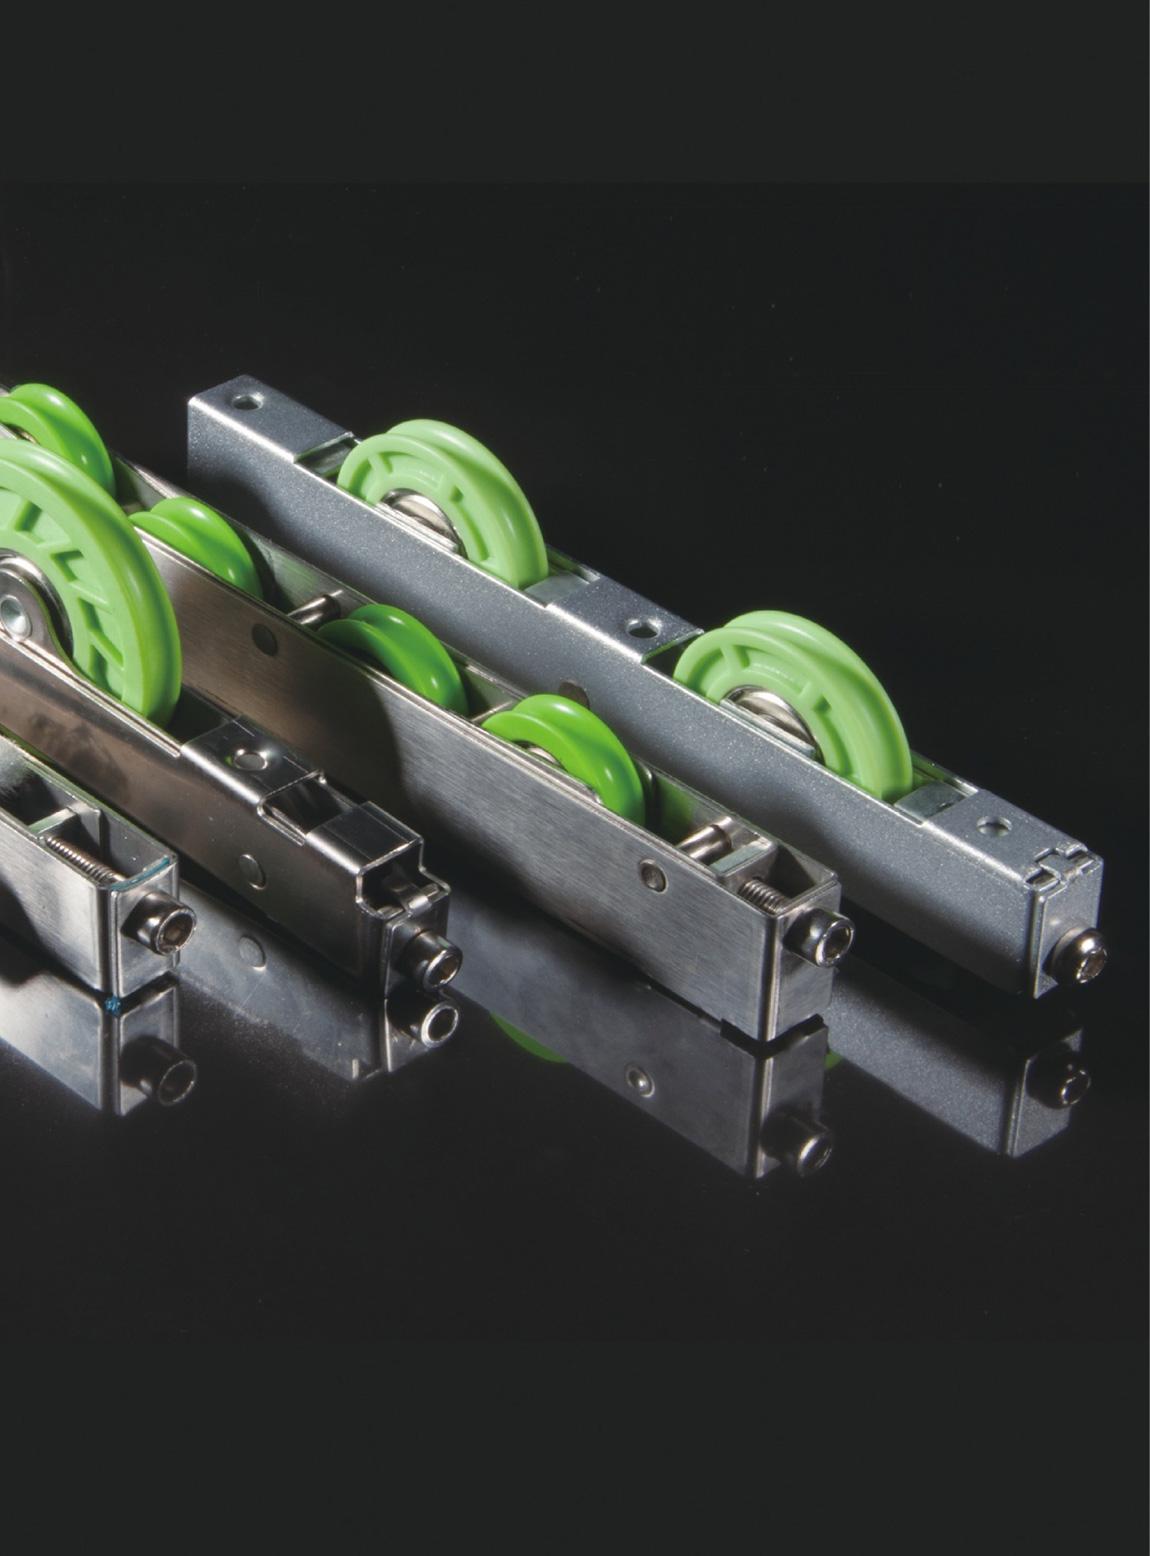 欧固五金专业生产高档滑轮